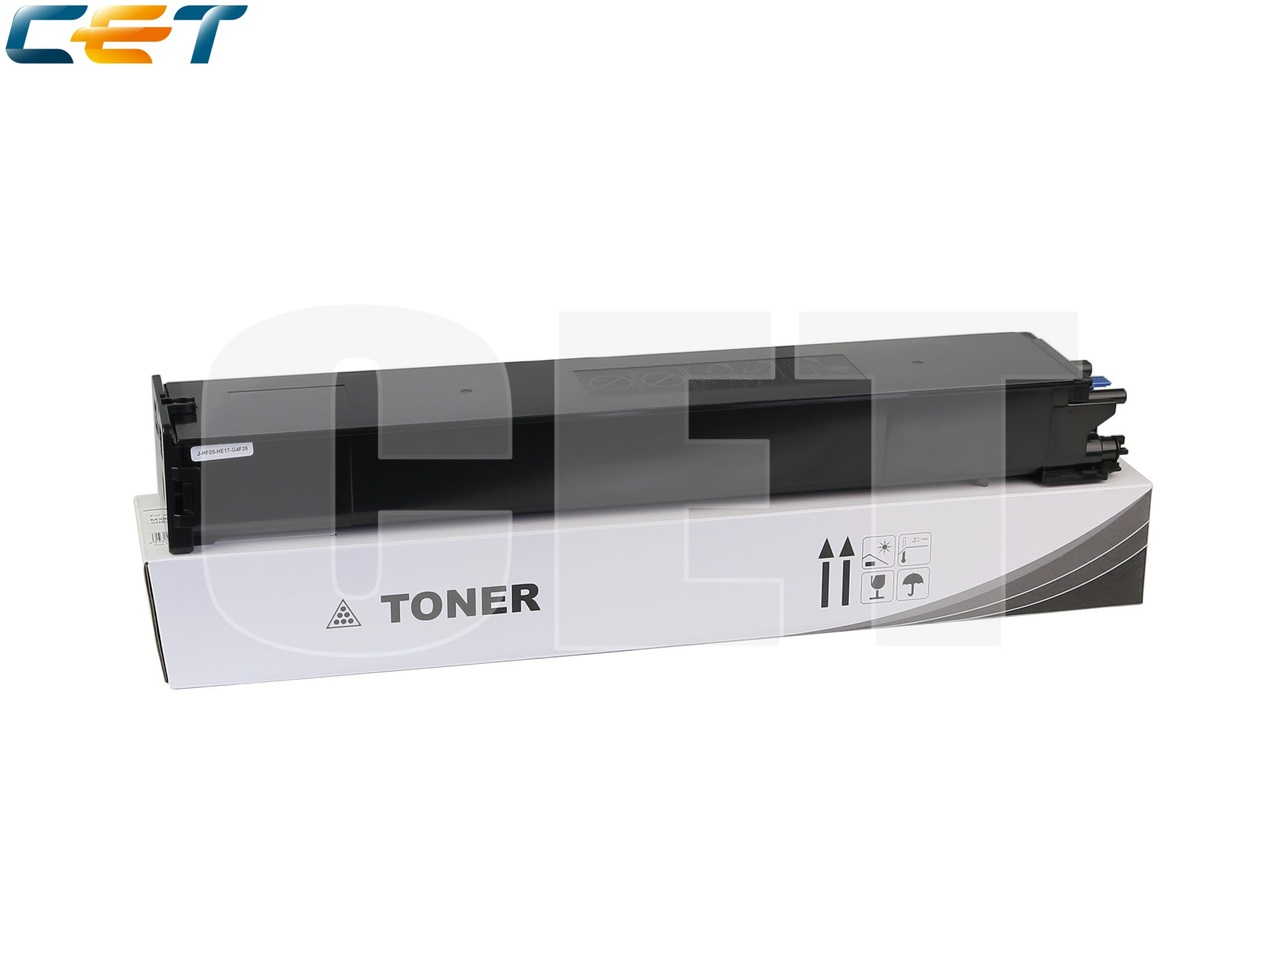 Тонер-картридж MX-60GTBA для SHARPMX-3050N/4050N/4070N/5070N (CET) Black, 872г, 40000 стр.,CET141242